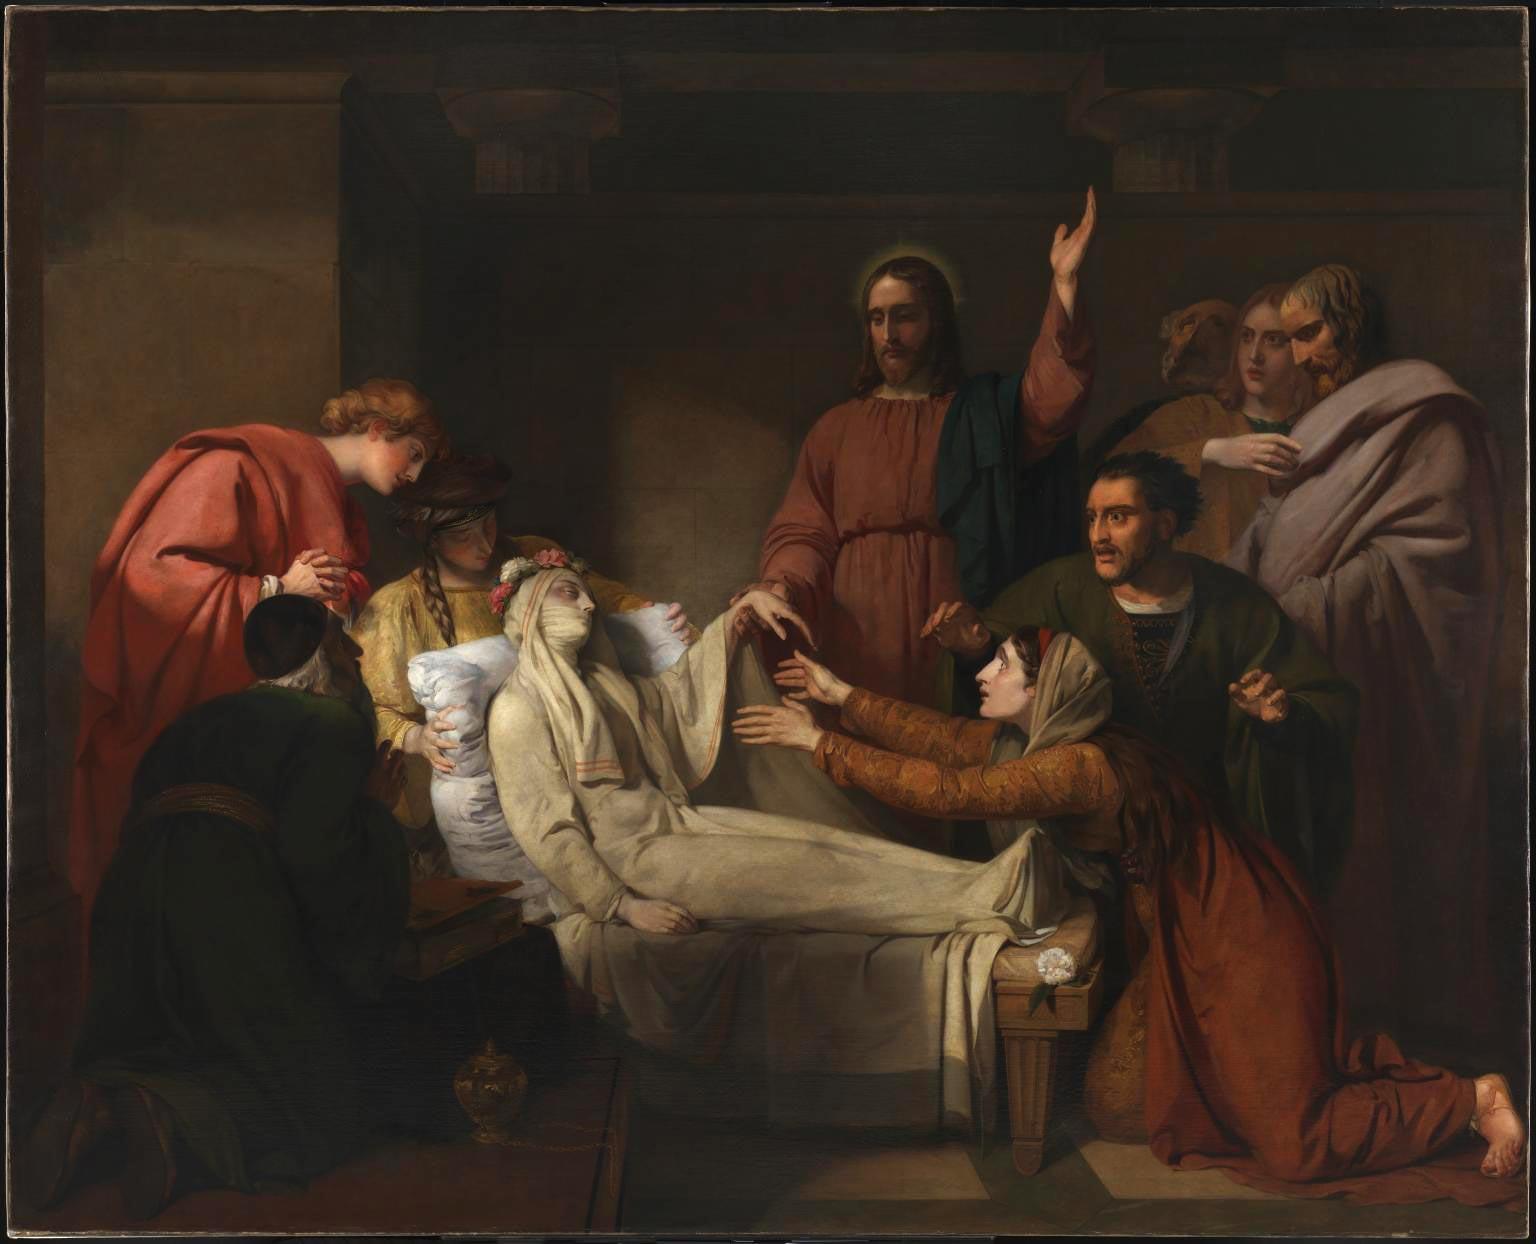 CEVA DESPRE CEI TREI MORŢI PE CARE I-A ÎNVIAT IISUS MÂNTUITORUL